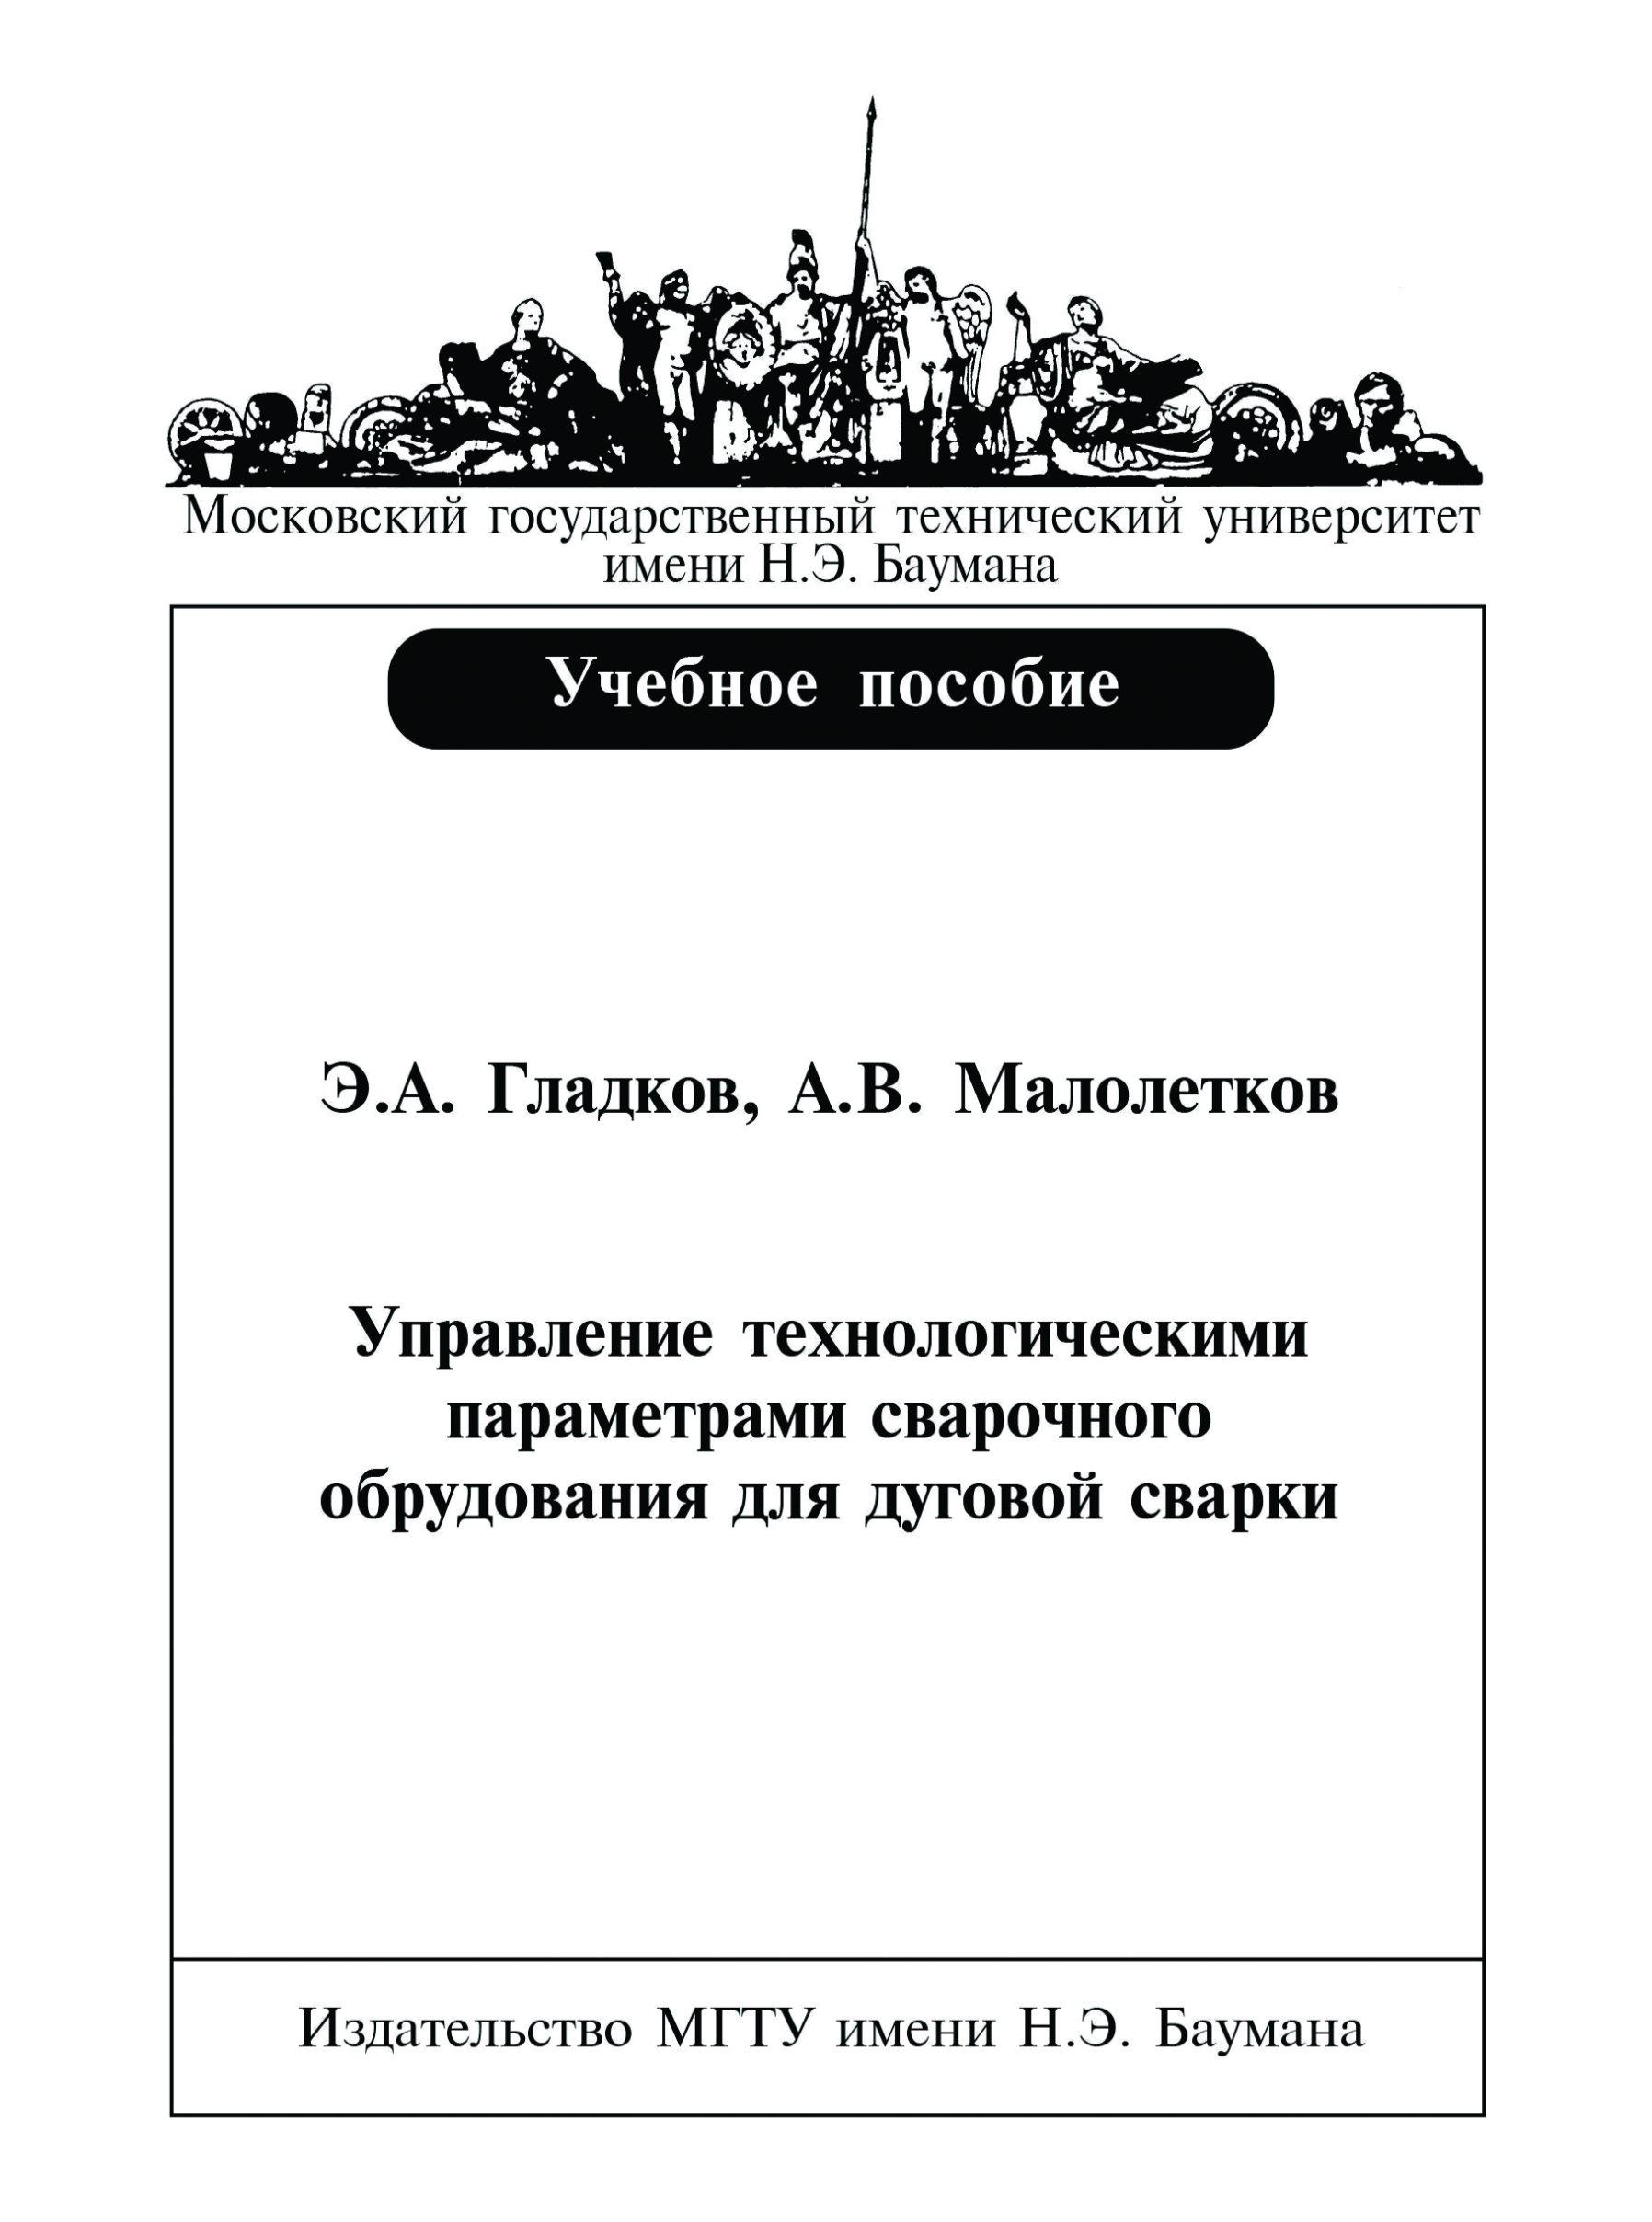 Эдуард Гладков Управление технологическими параметрами сварочного оборудования для дуговой сварки